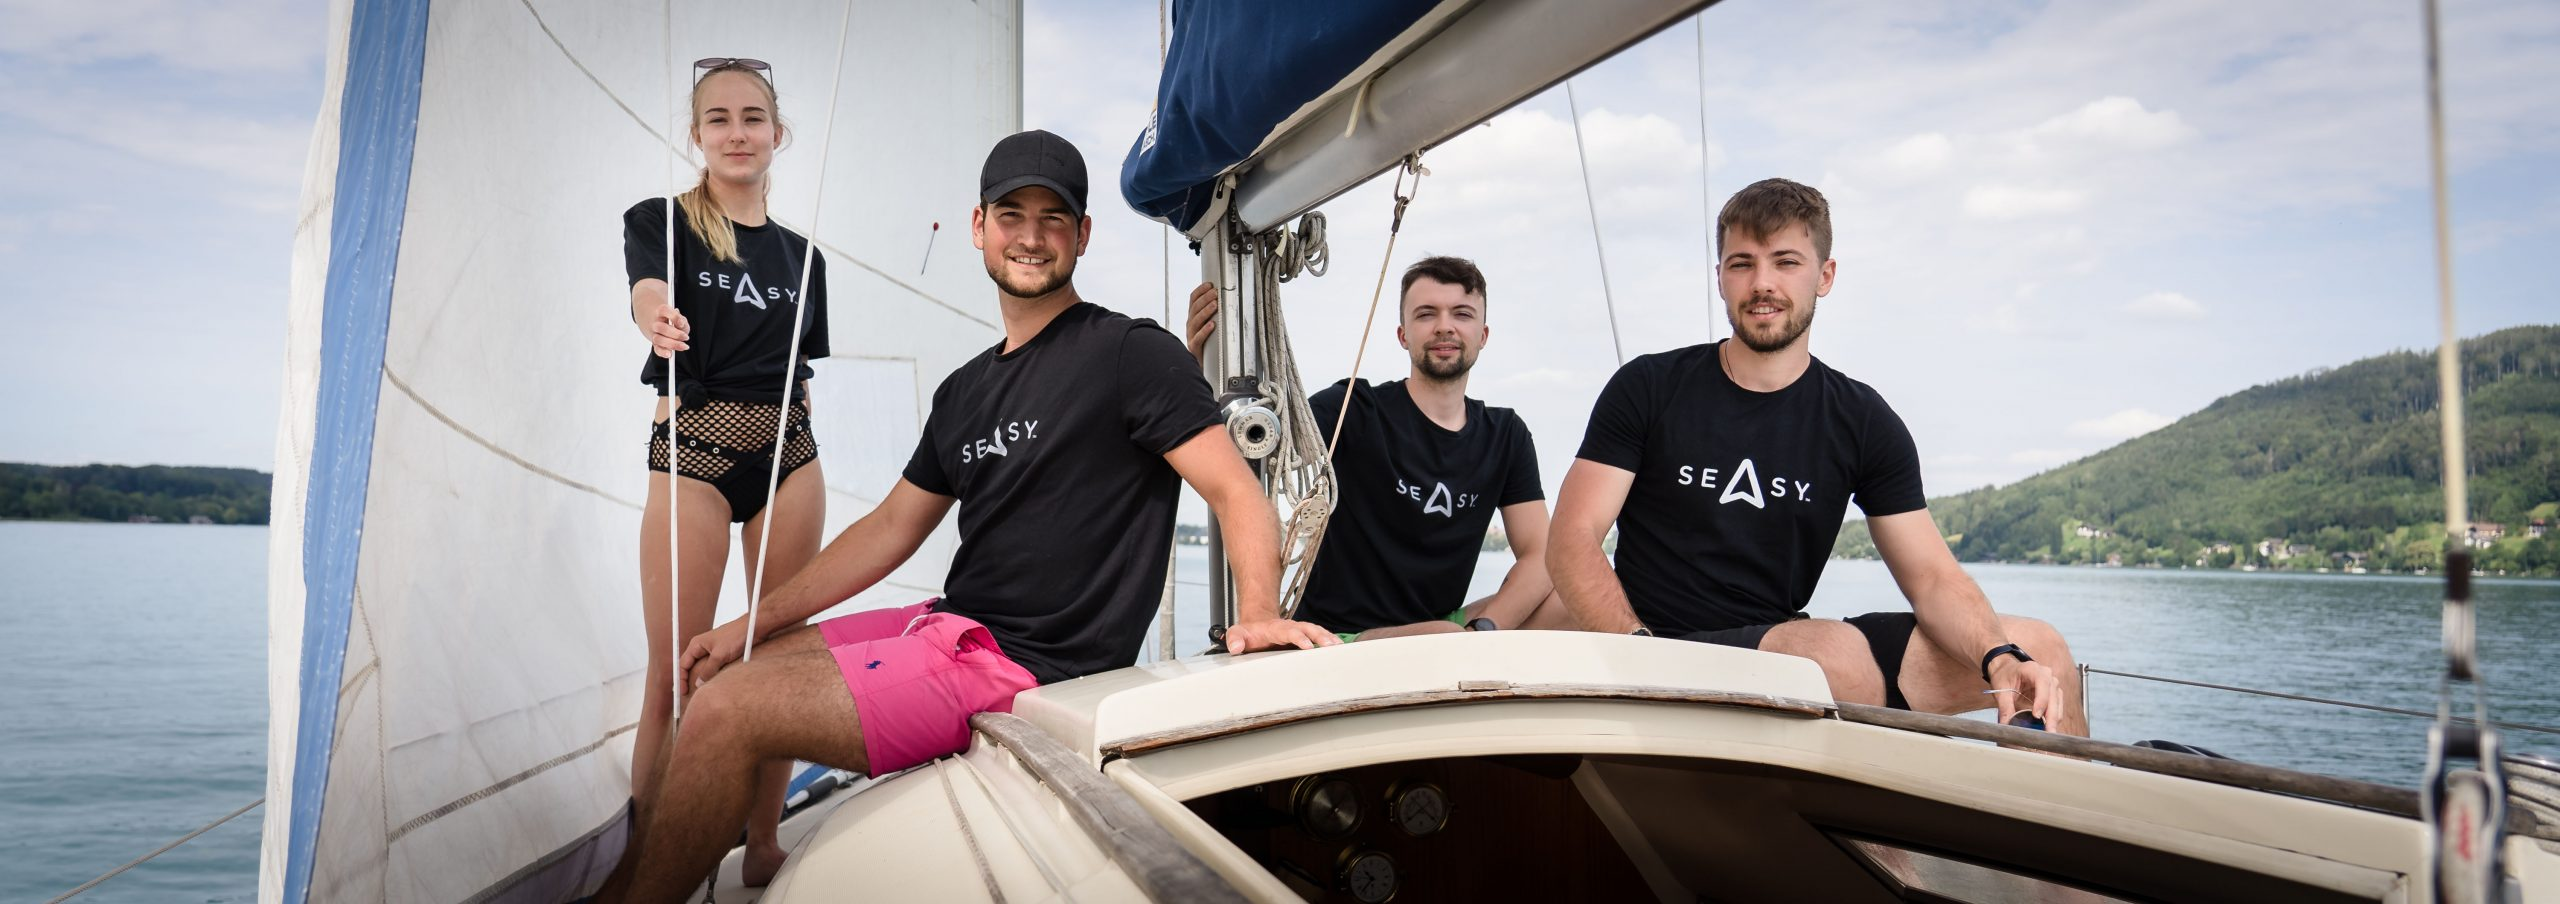 Vernetzen Segler mit Marinas: Ivana Zemanovicova, Geschäftsführer Daniel Baumgartner, Daniel Machacek und Martin Olsansky (v. l.) (Credit: Seasy)